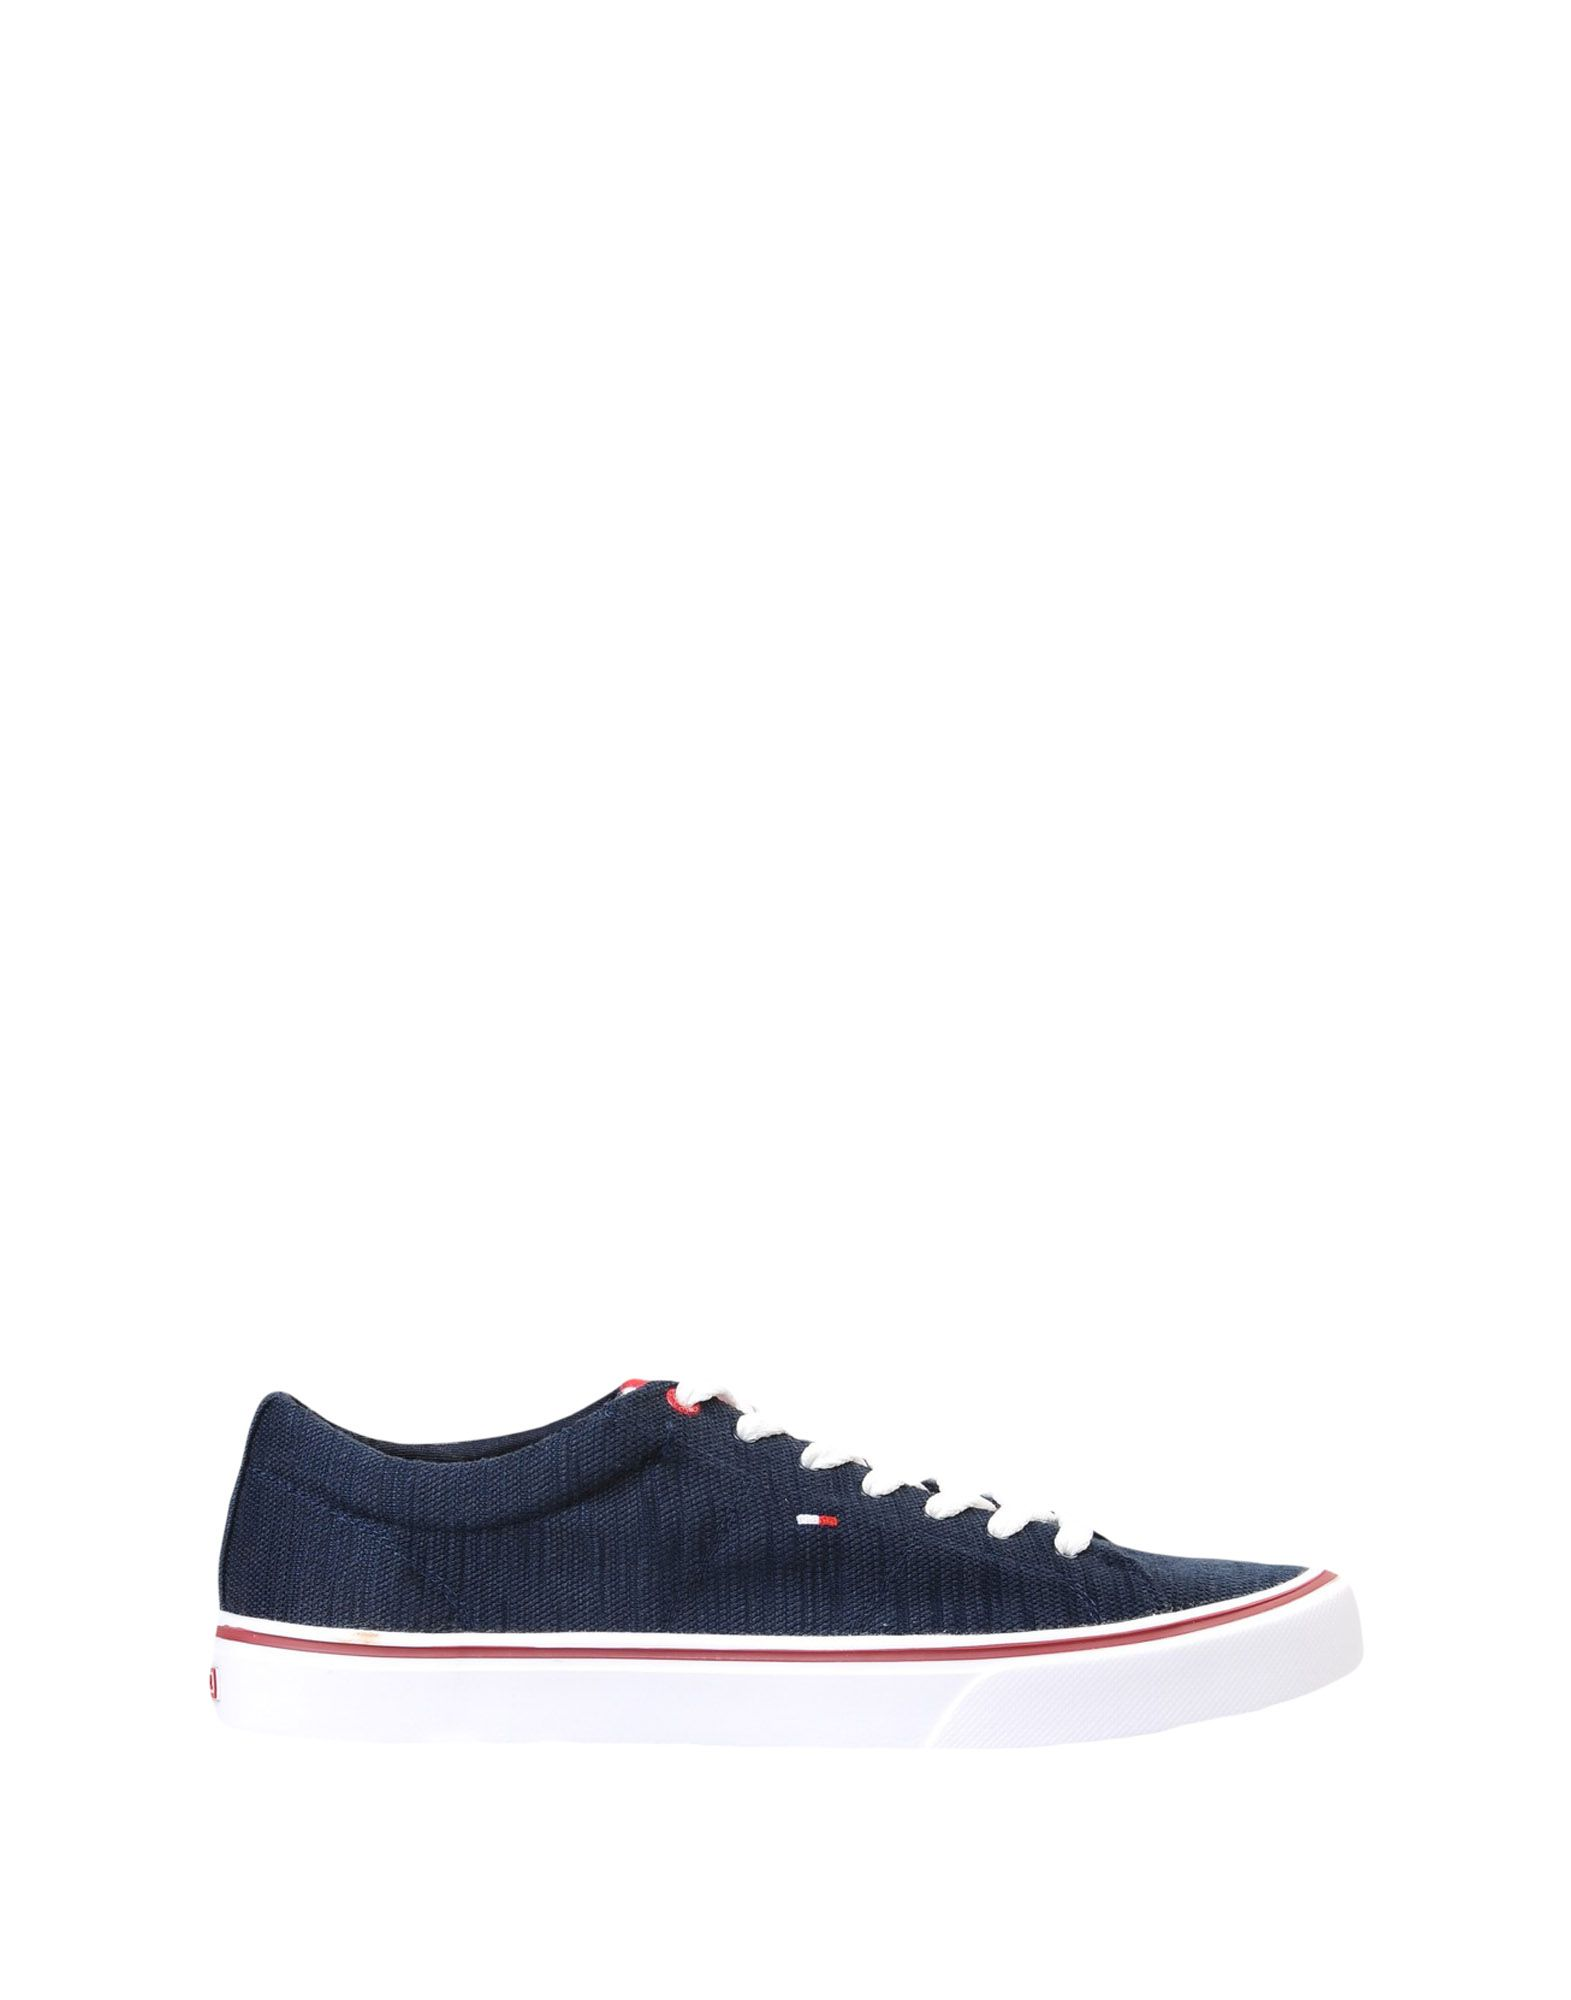 Rabatt echte Schuhe Sneaker Tommy Hilfiger Lightweight Knit Sneaker Schuhe  11457580PG c9e033